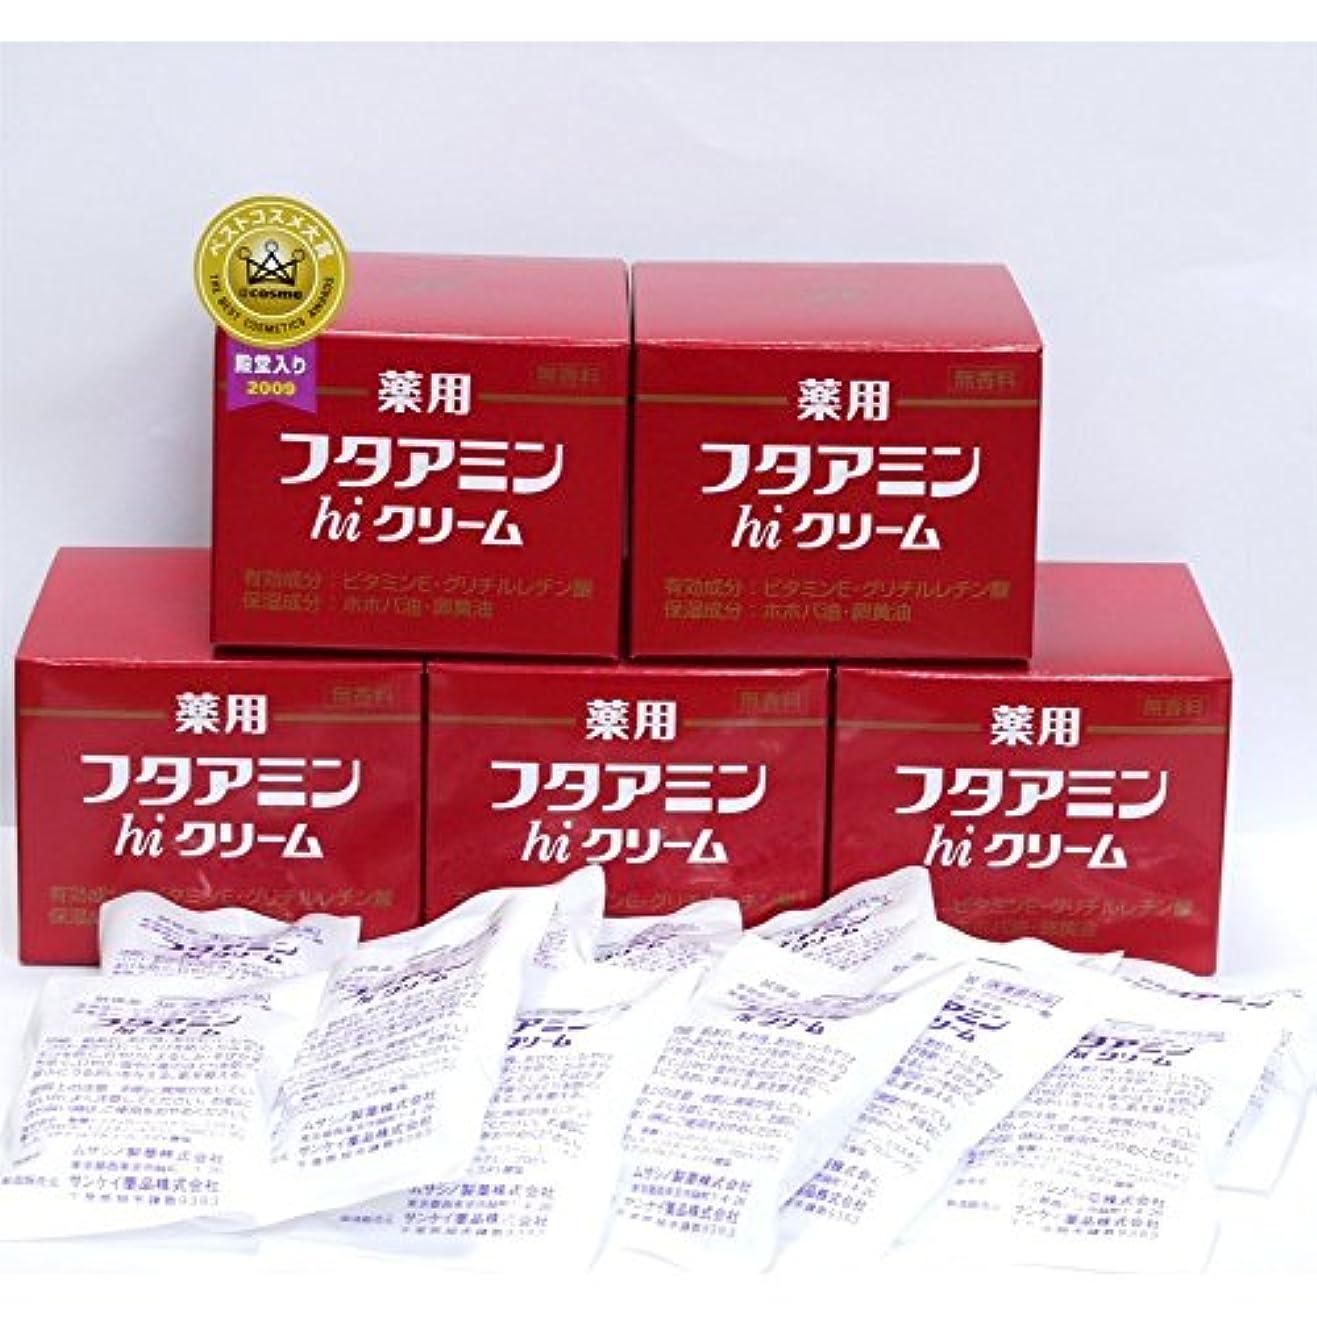 植生同情メダリスト薬用 フタアミンhiクリーム 130g  5個セット 3gお試品×12個付